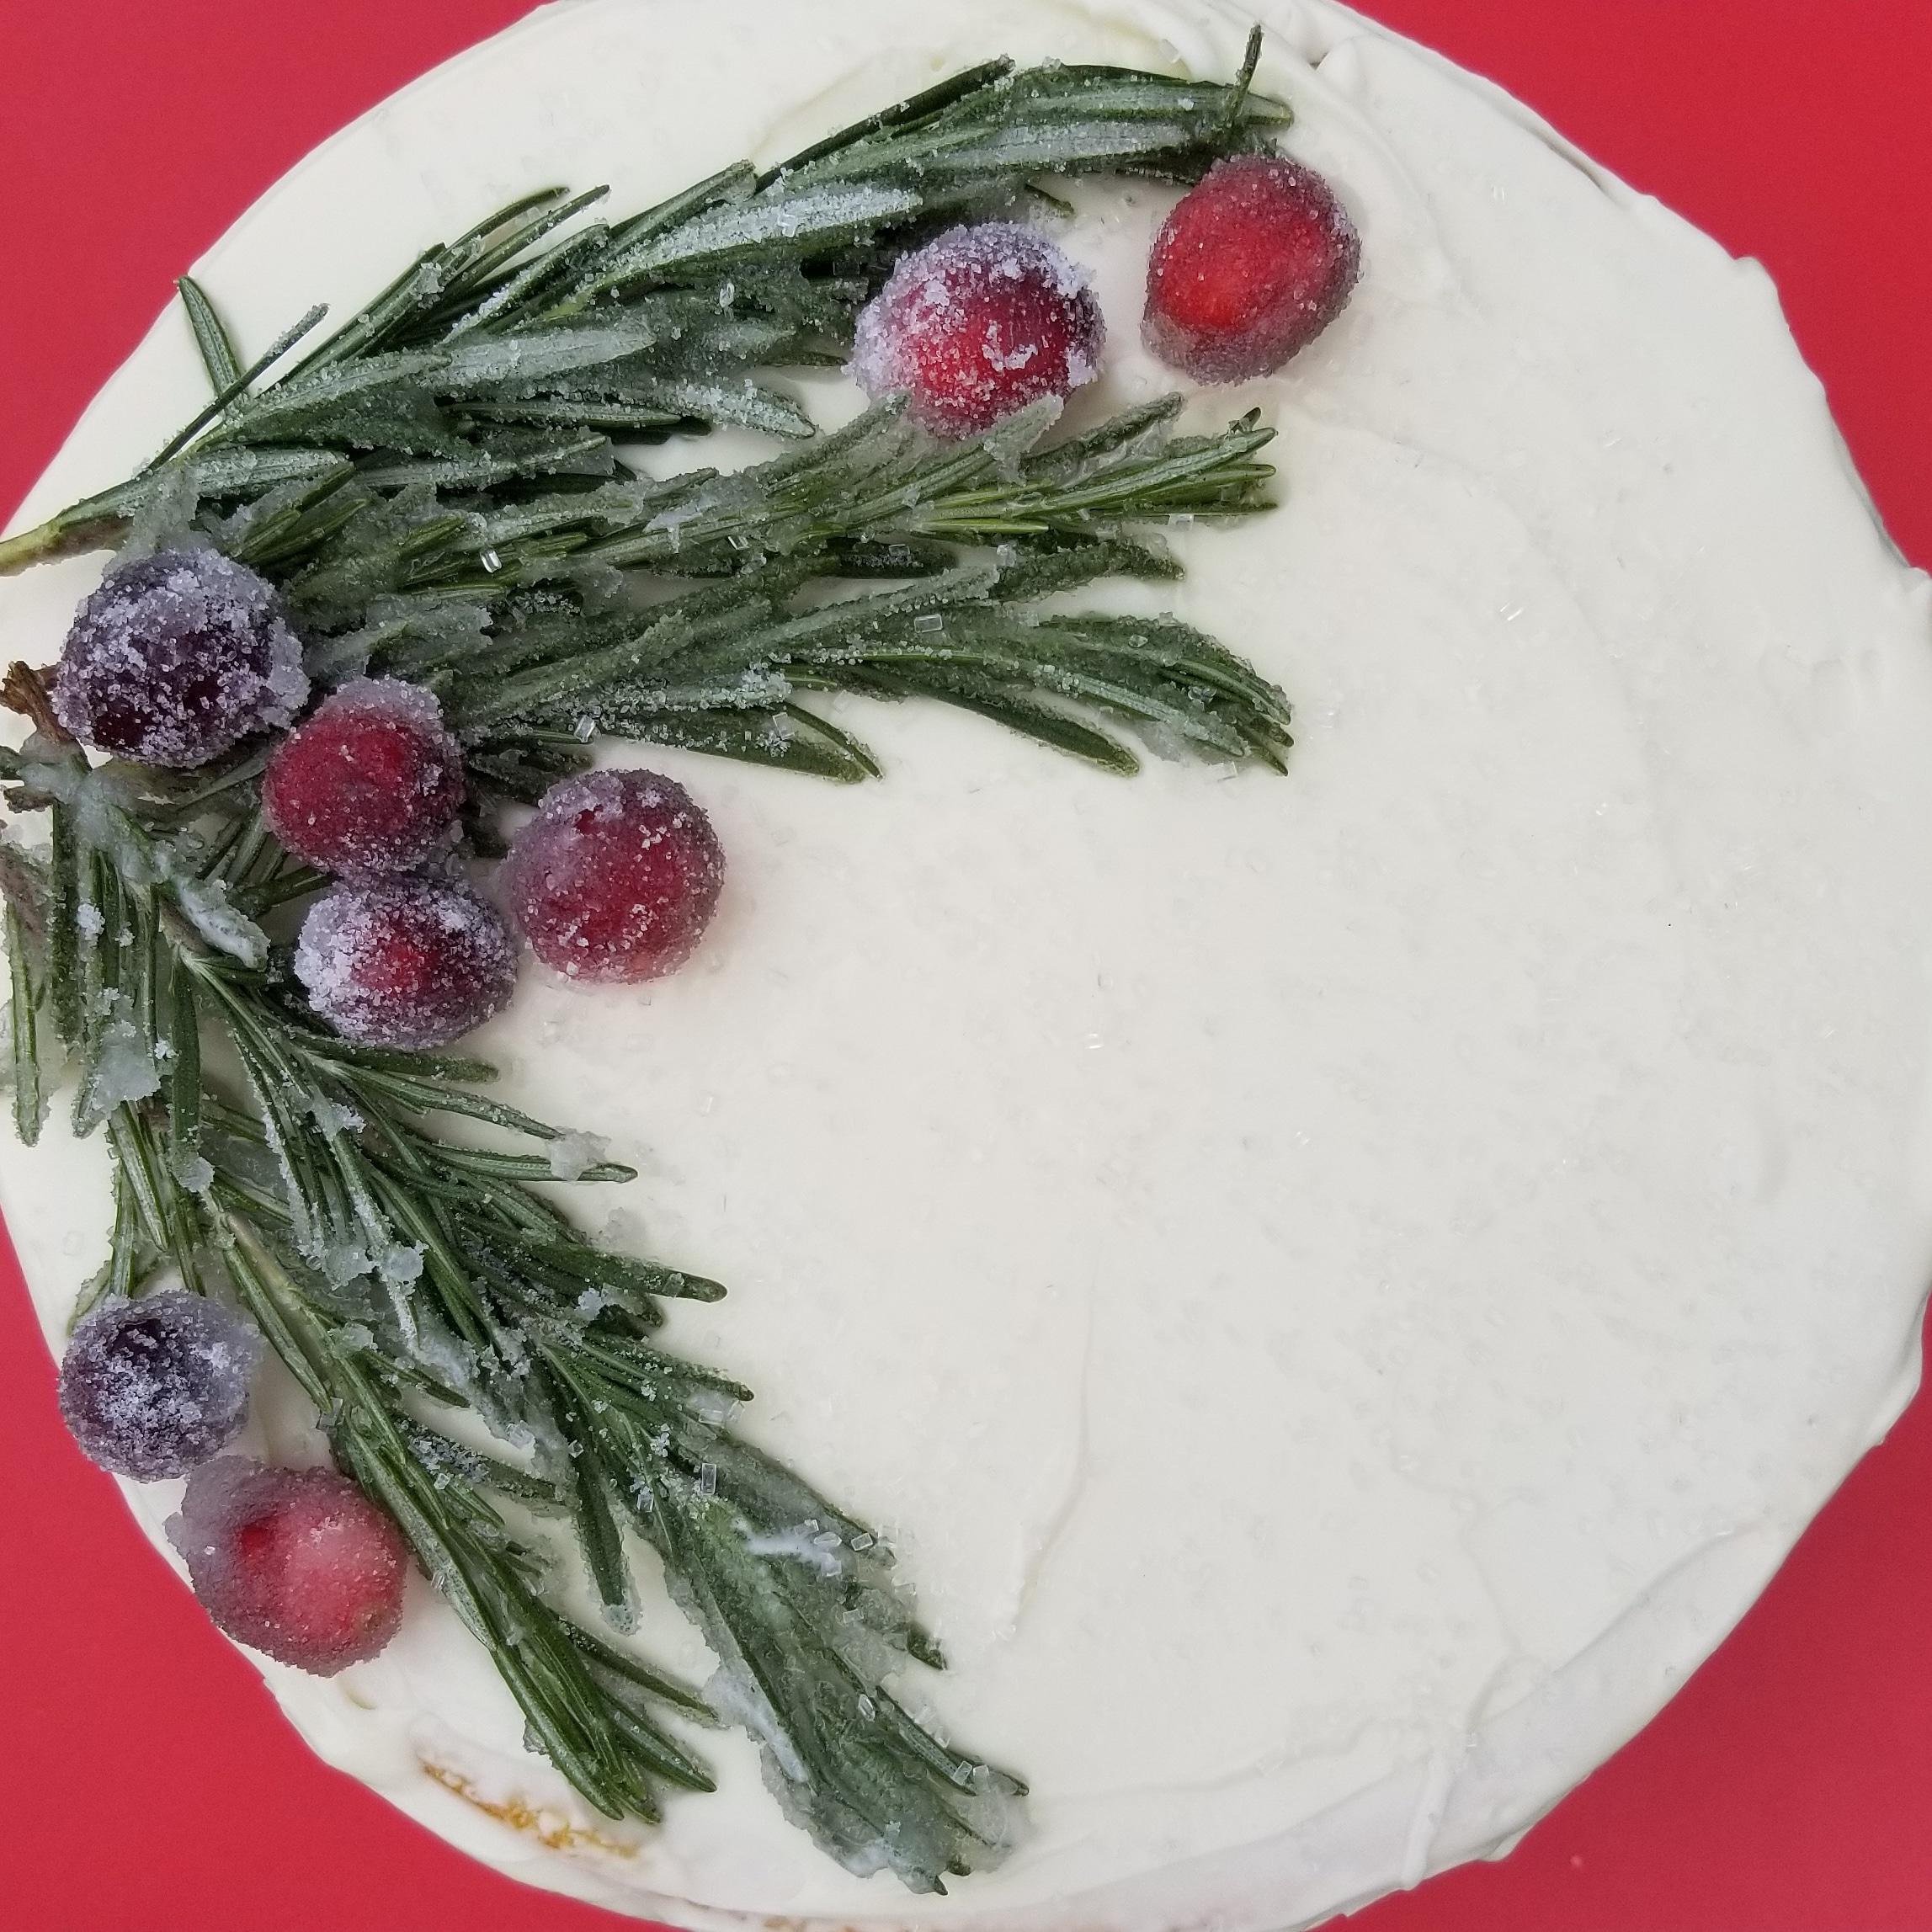 The Christmas Cake to end all Christmas cakes.